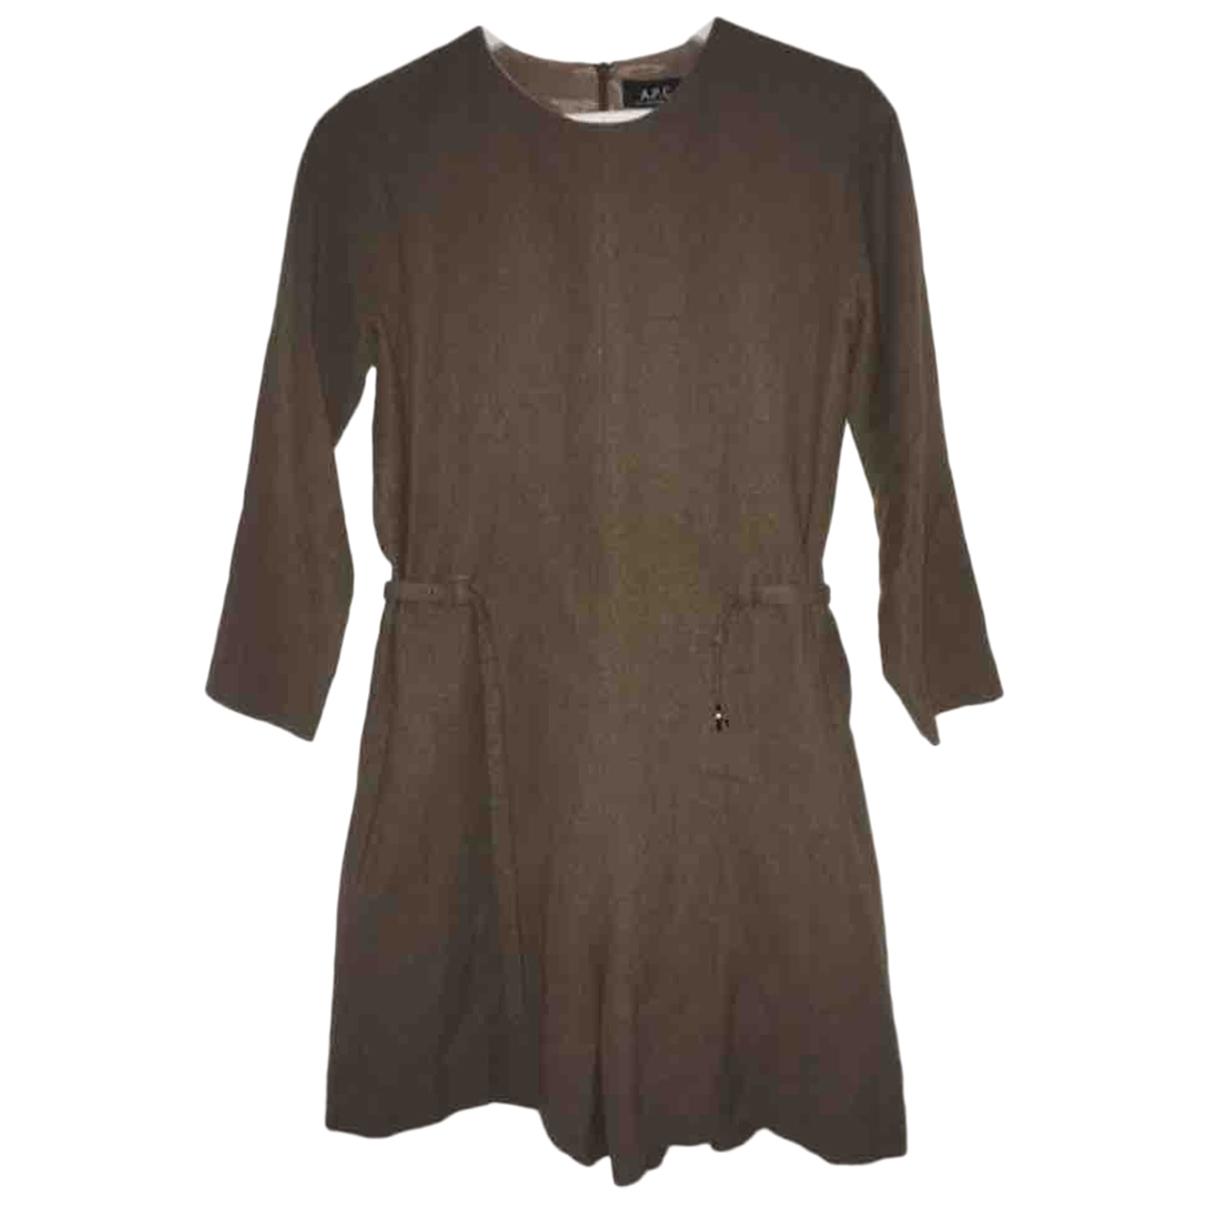 Apc - Combinaison   pour femme en laine - marron